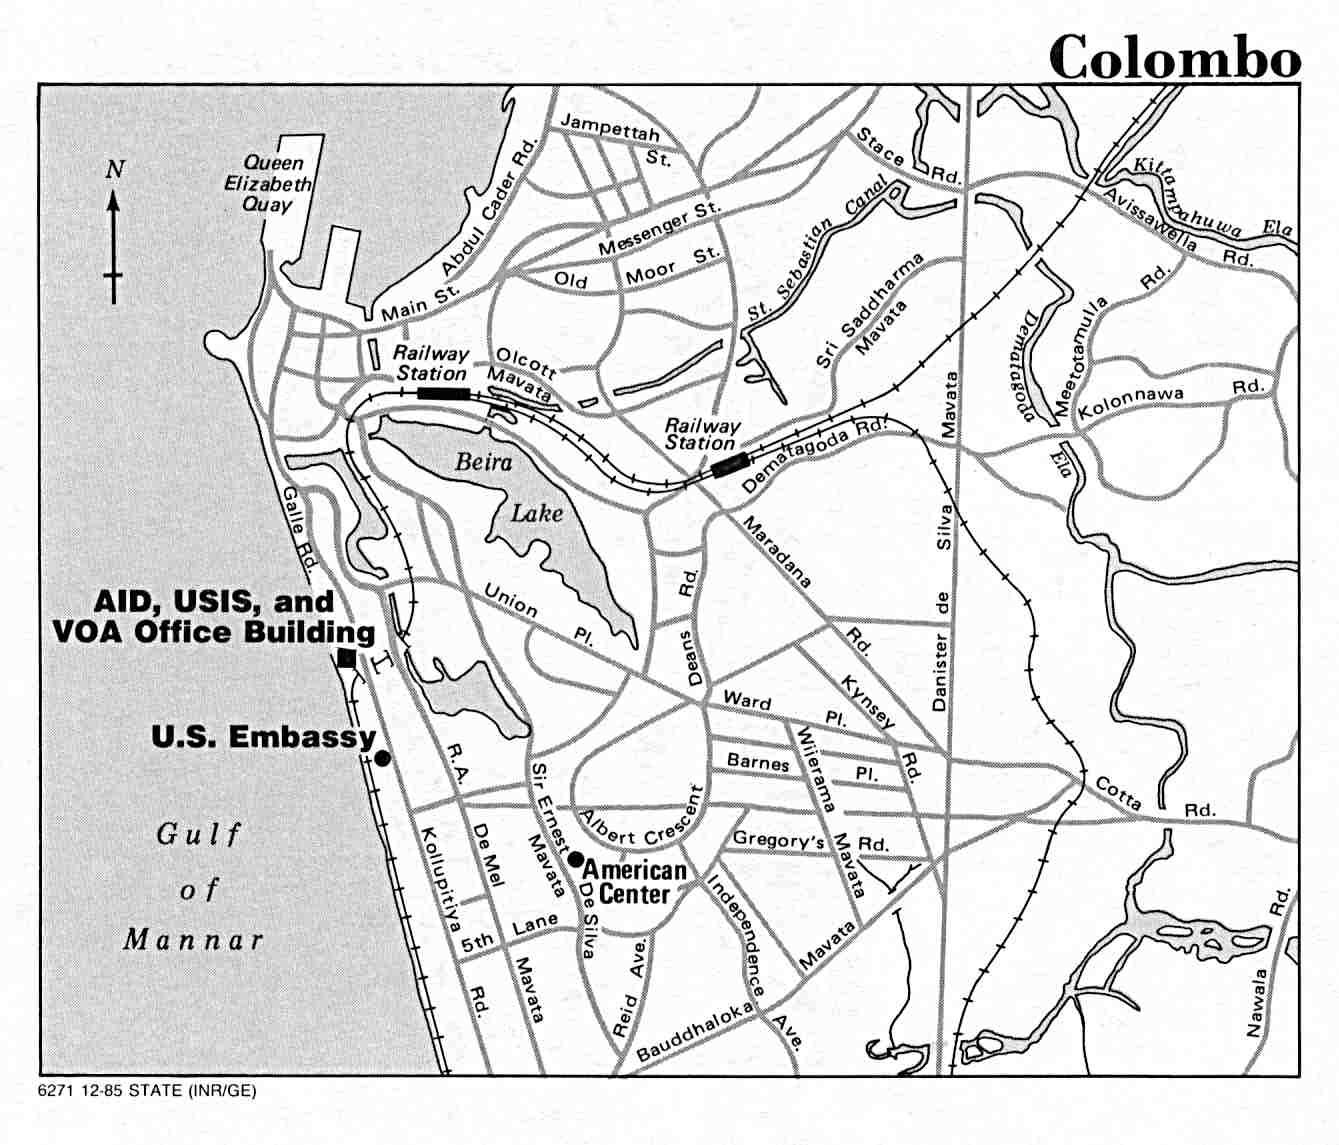 Sri Lanka Karte Zum Drucken.Stadtplan Von Colombo Detaillierte Gedruckte Karten Von Colombo